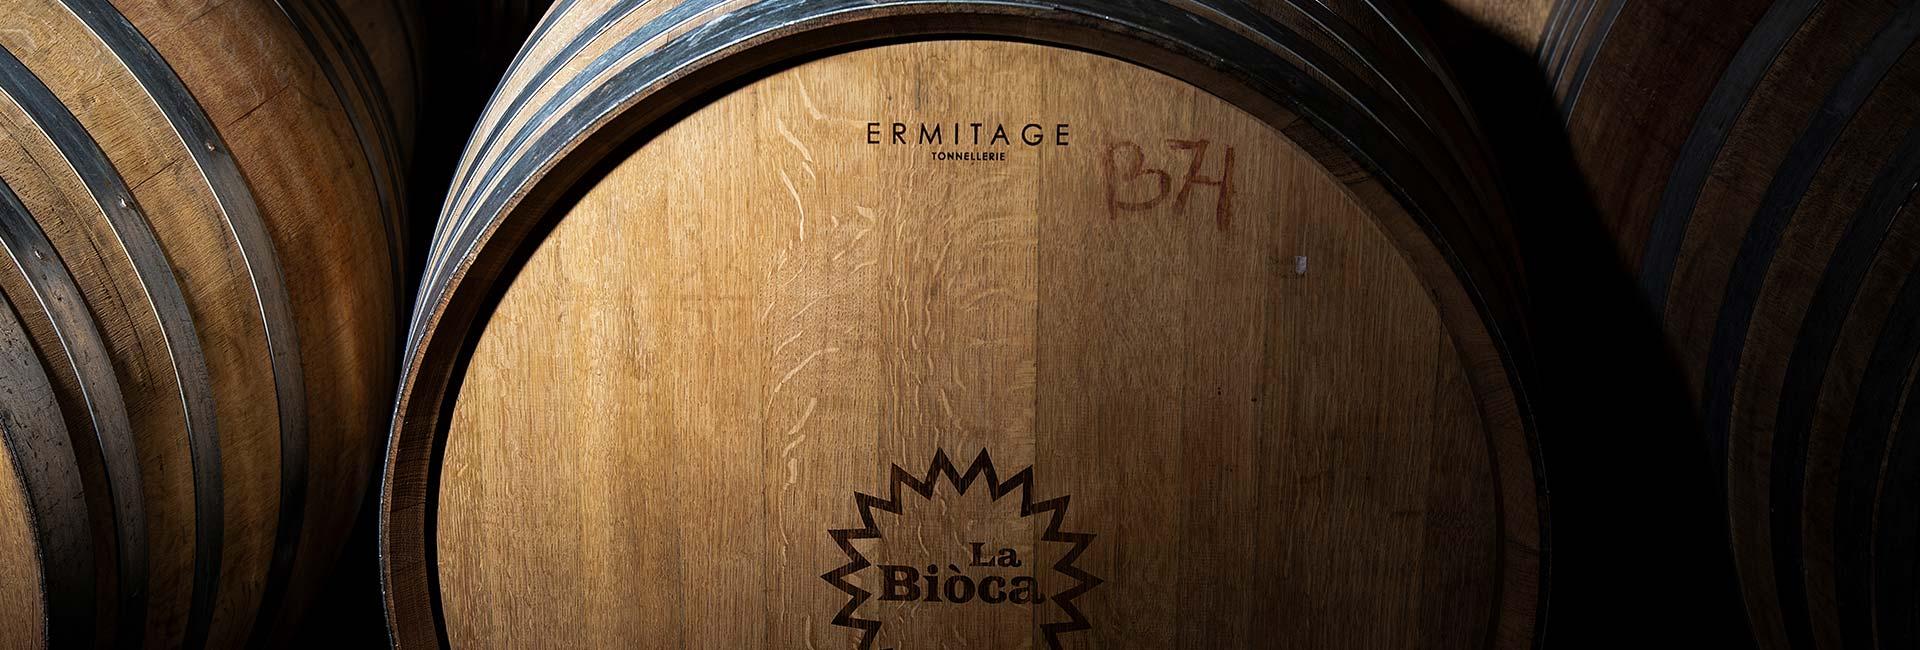 vino-langhe-labioca